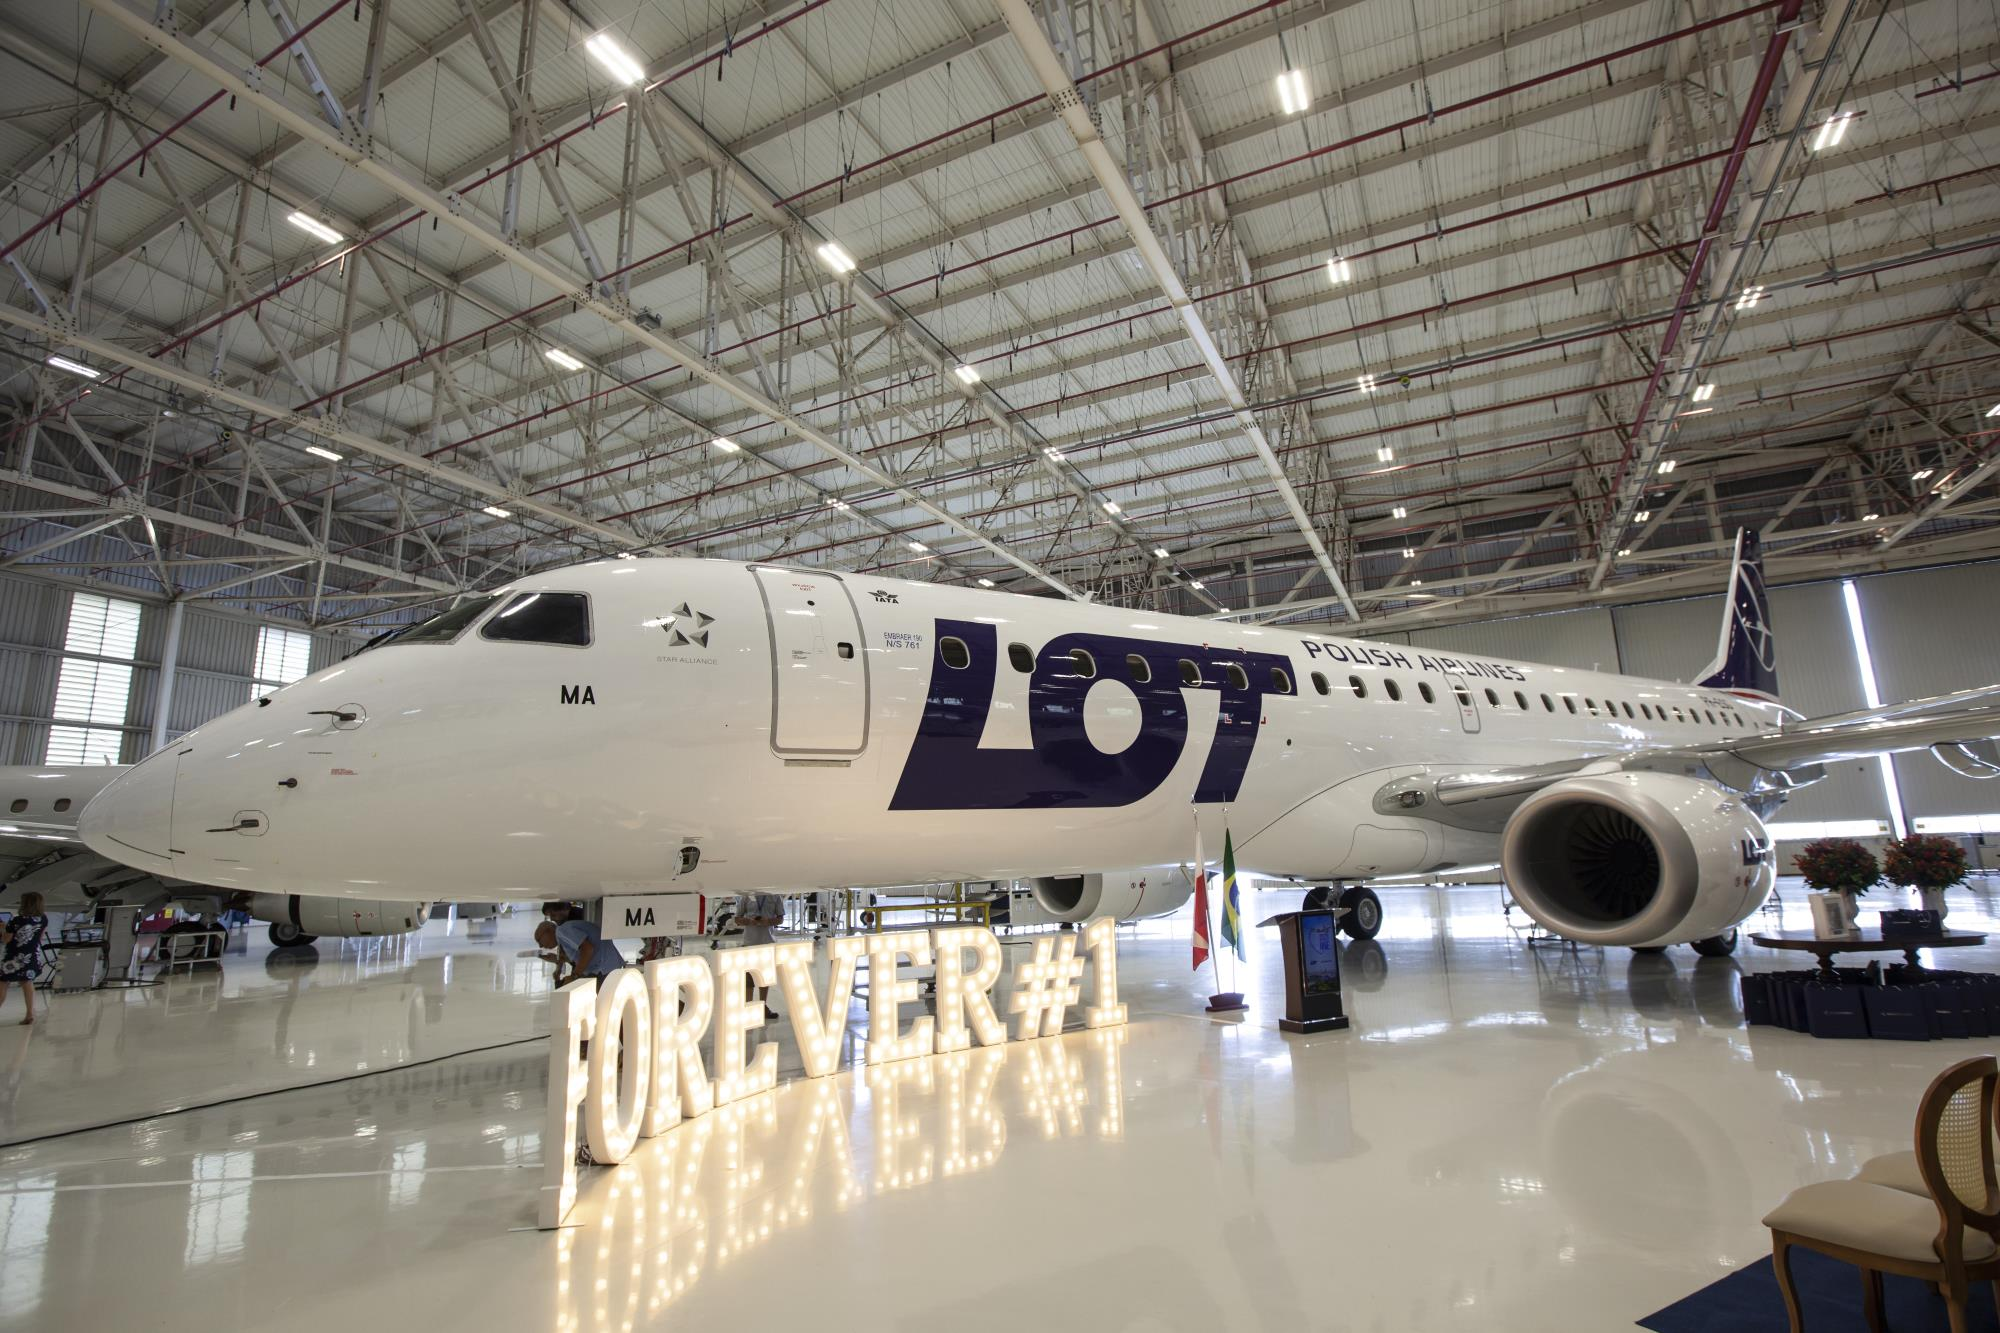 Nowe samoloty PLL LOT już w Polsce. Z pasażerami polecą już od 1 stycznia!